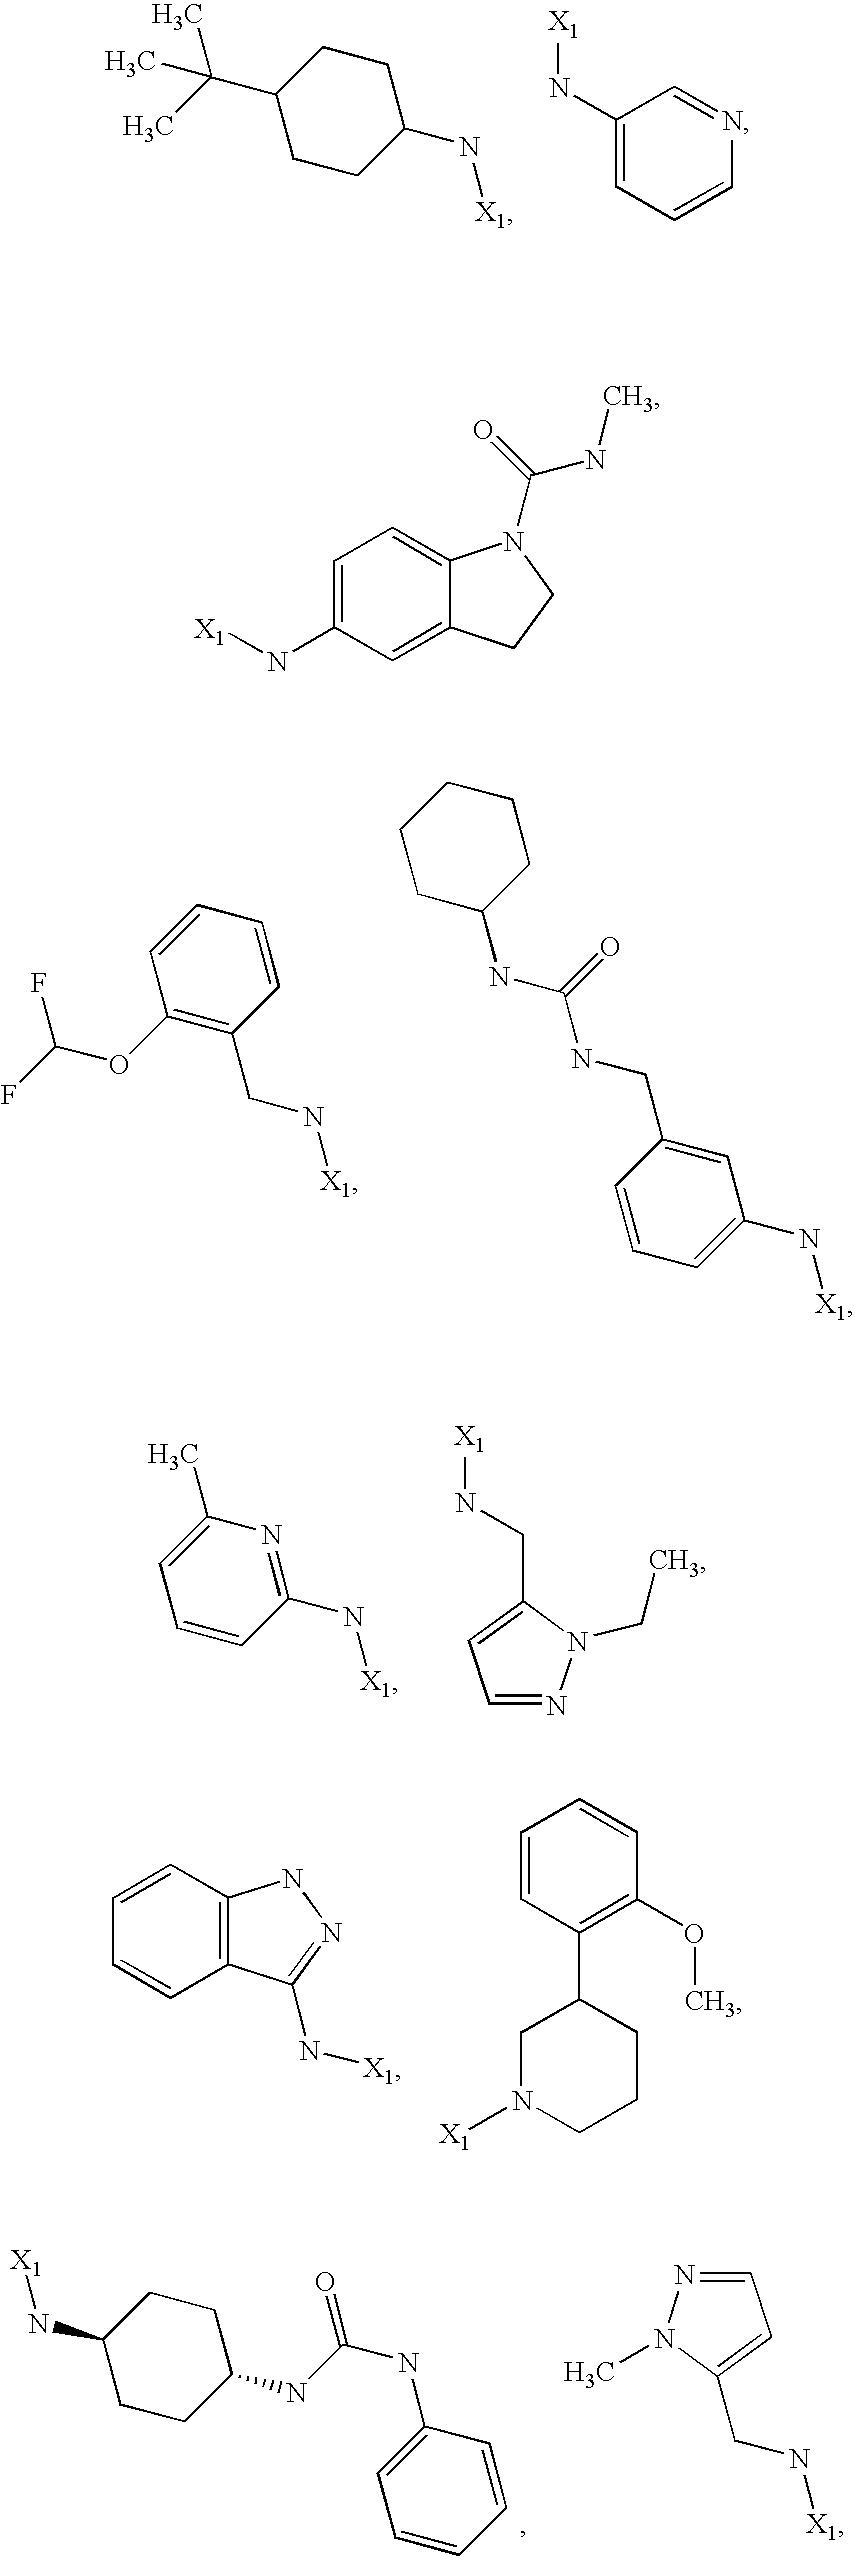 Figure US20100261687A1-20101014-C00007